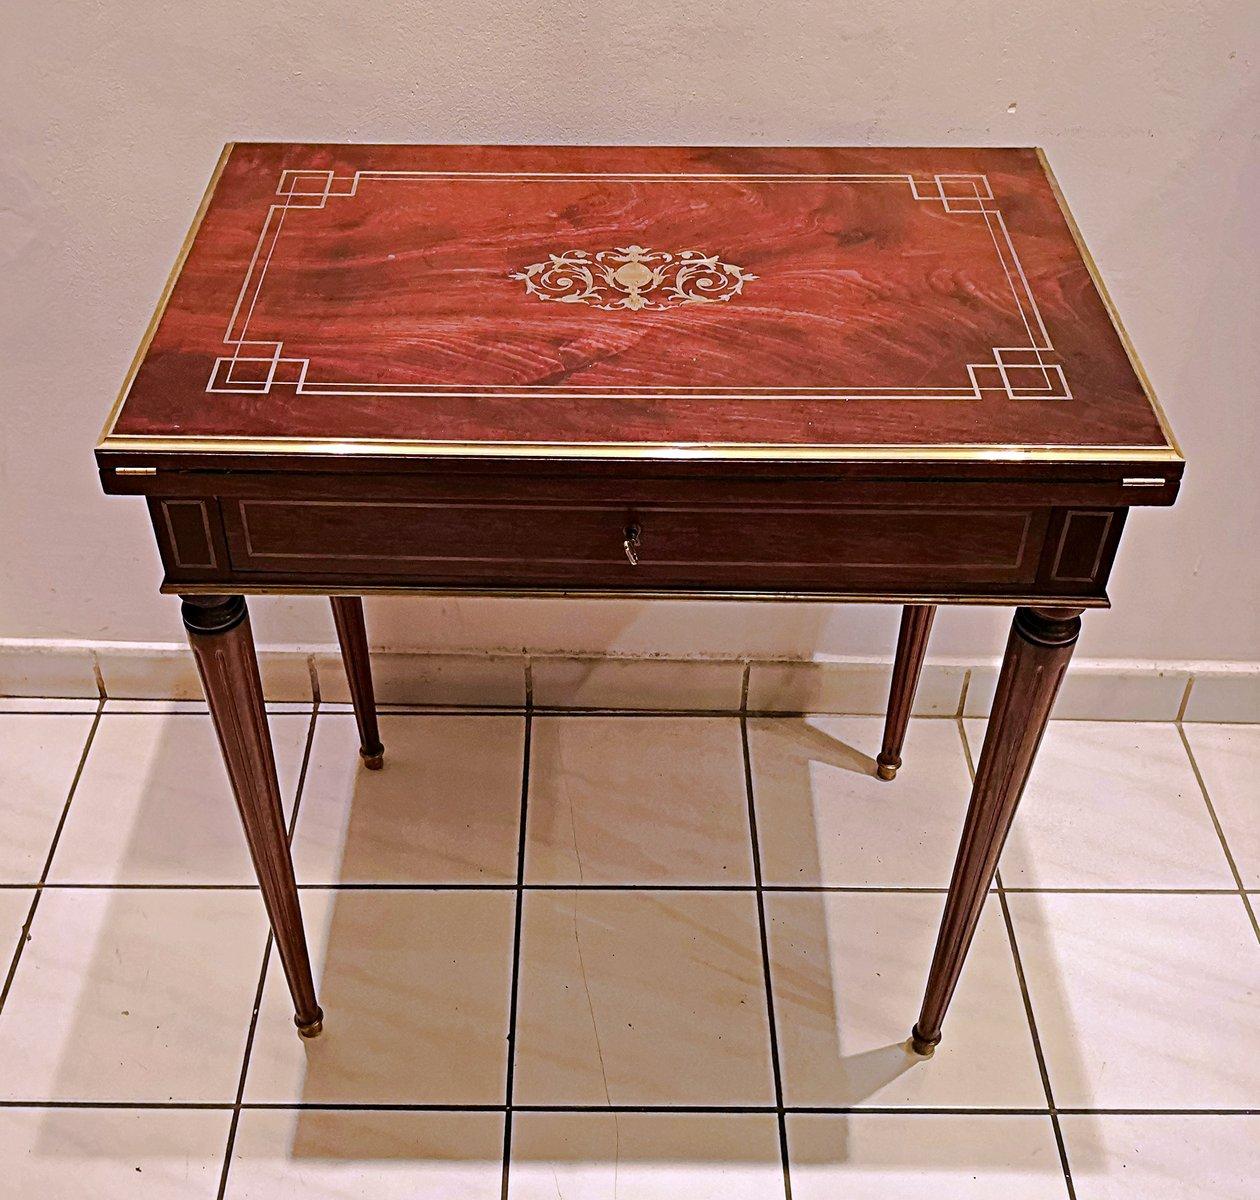 Tavolo da gioco antico in mogano in vendita su pamono - Waterloo gioco da tavolo ...